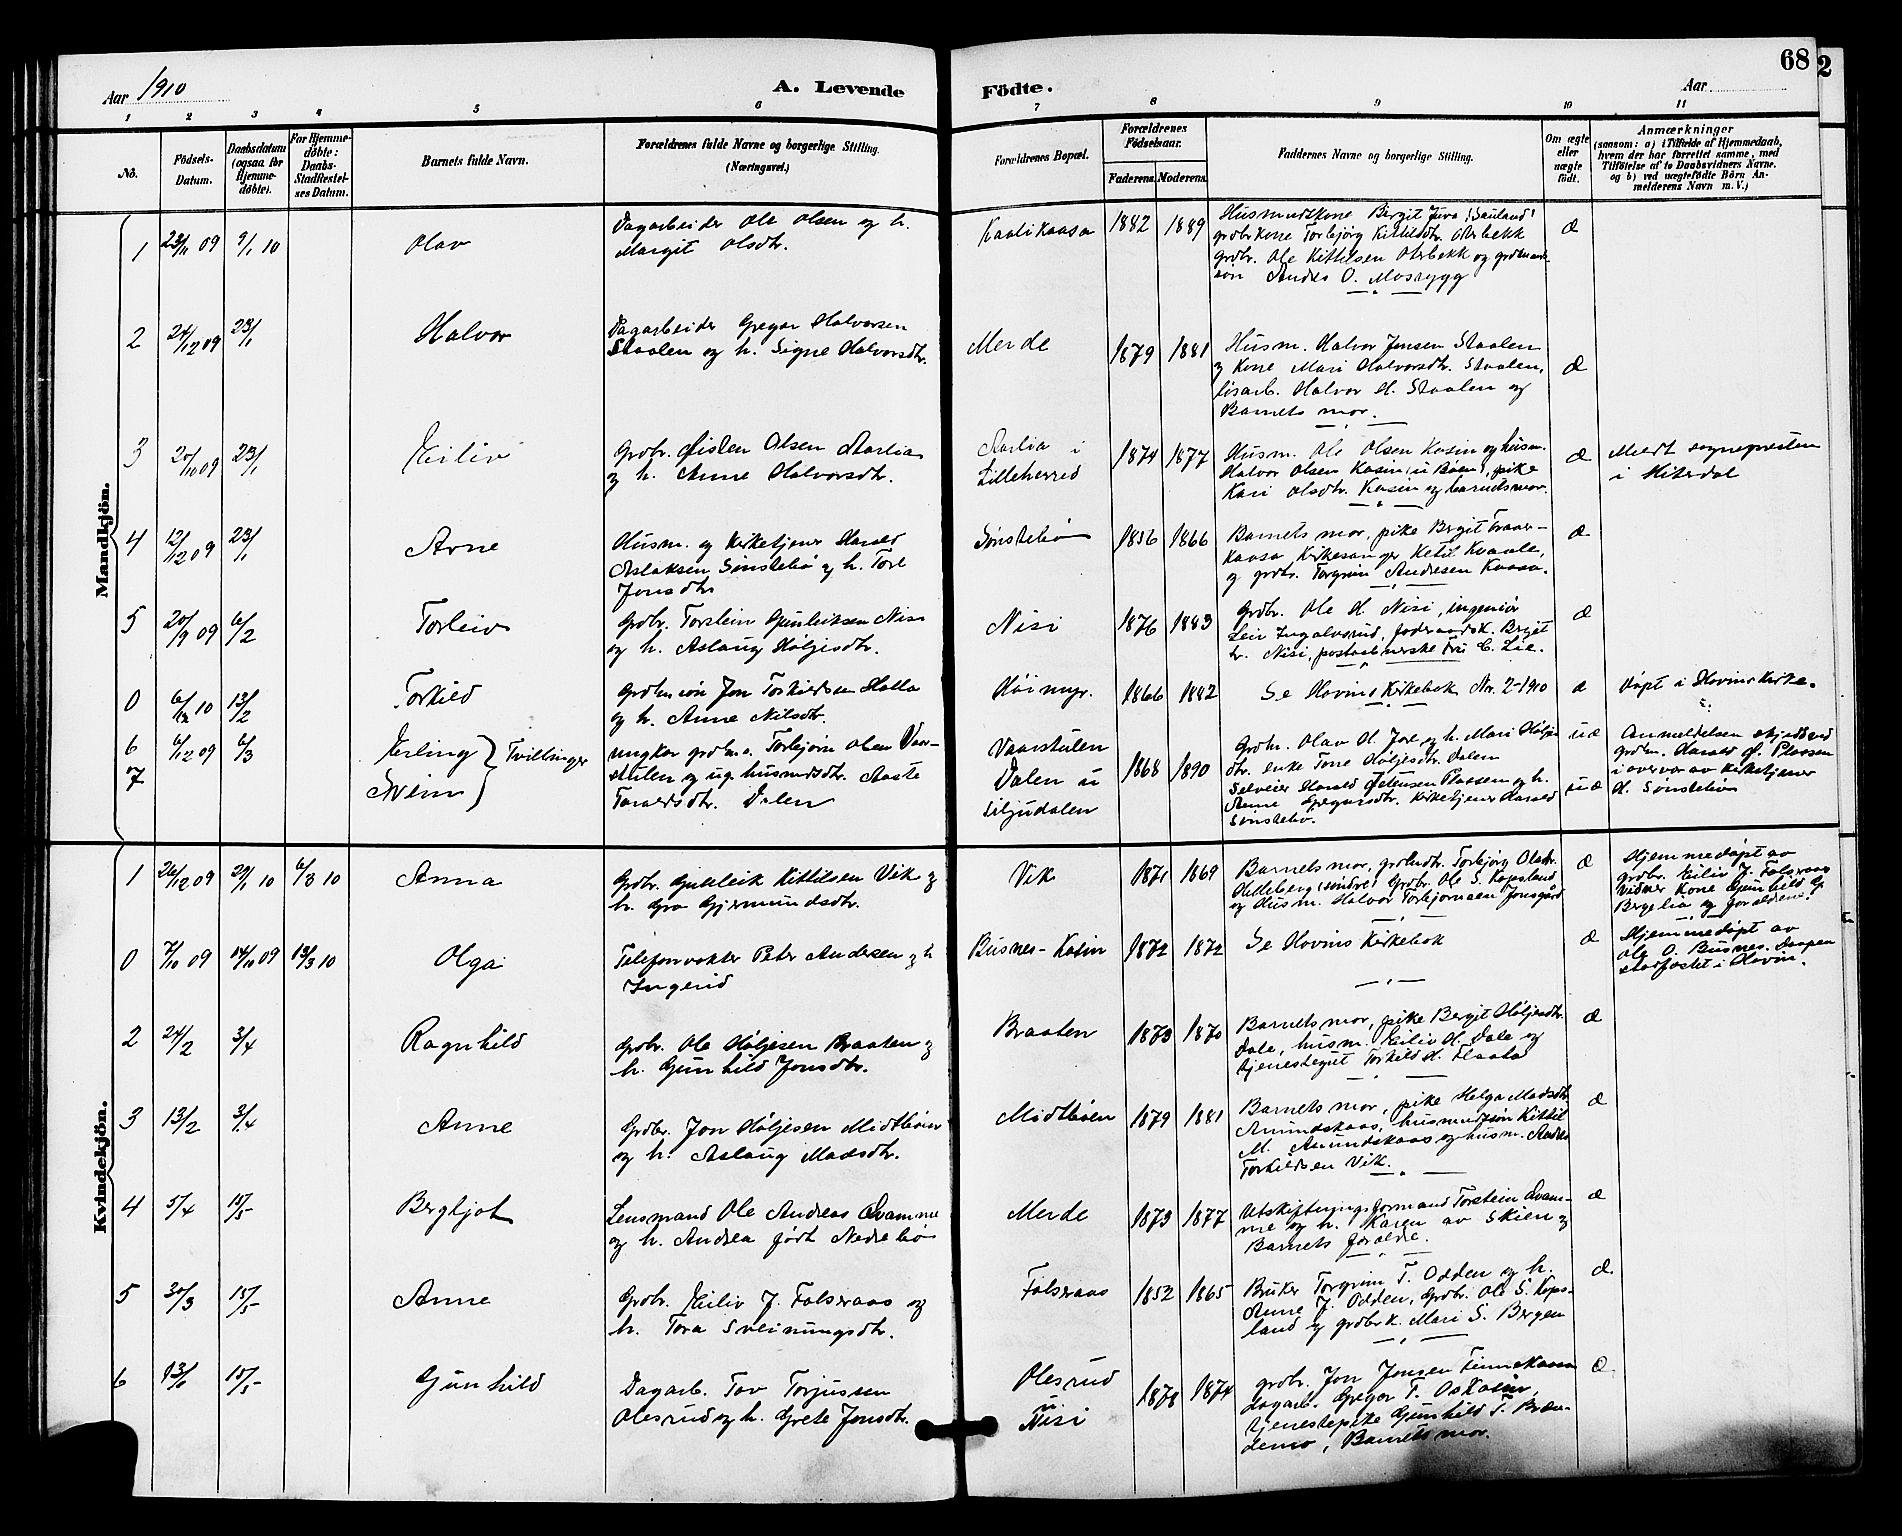 SAKO, Gransherad kirkebøker, G/Ga/L0003: Klokkerbok nr. I 3, 1887-1915, s. 68